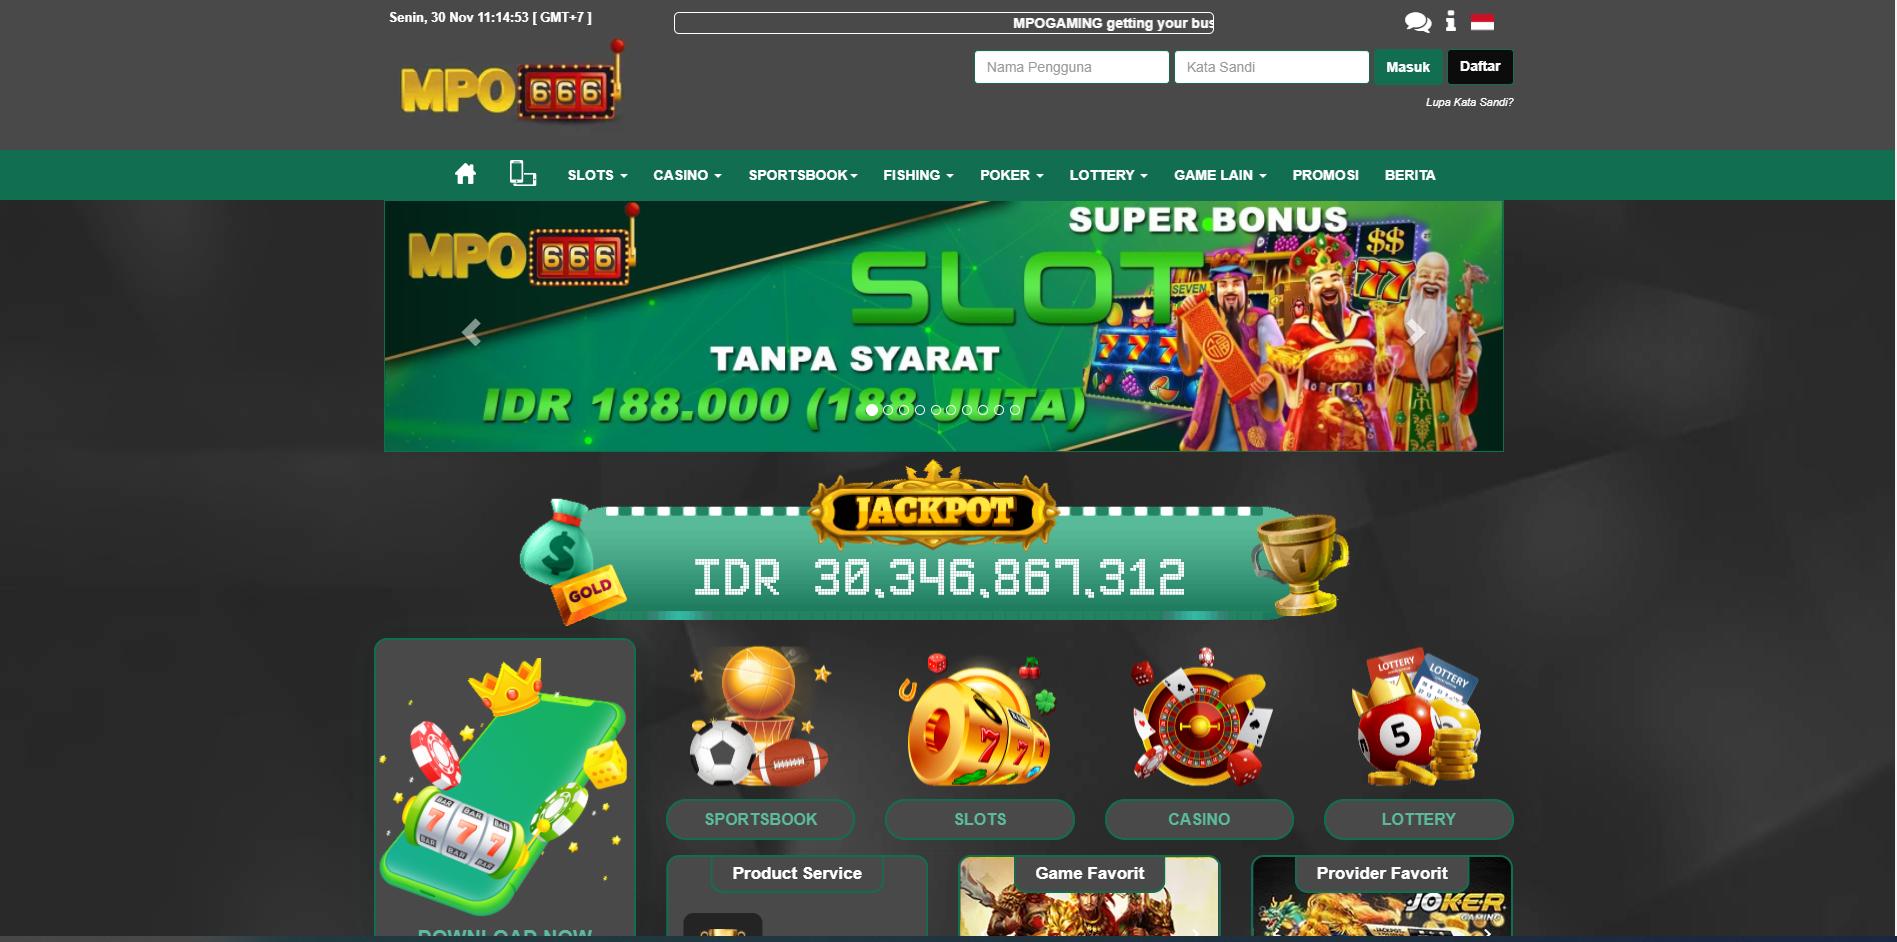 Mpo666 Situs Judi Mpo Welcome Bonus 200 Slot Indonesia Profile Full Press Coverage Forum